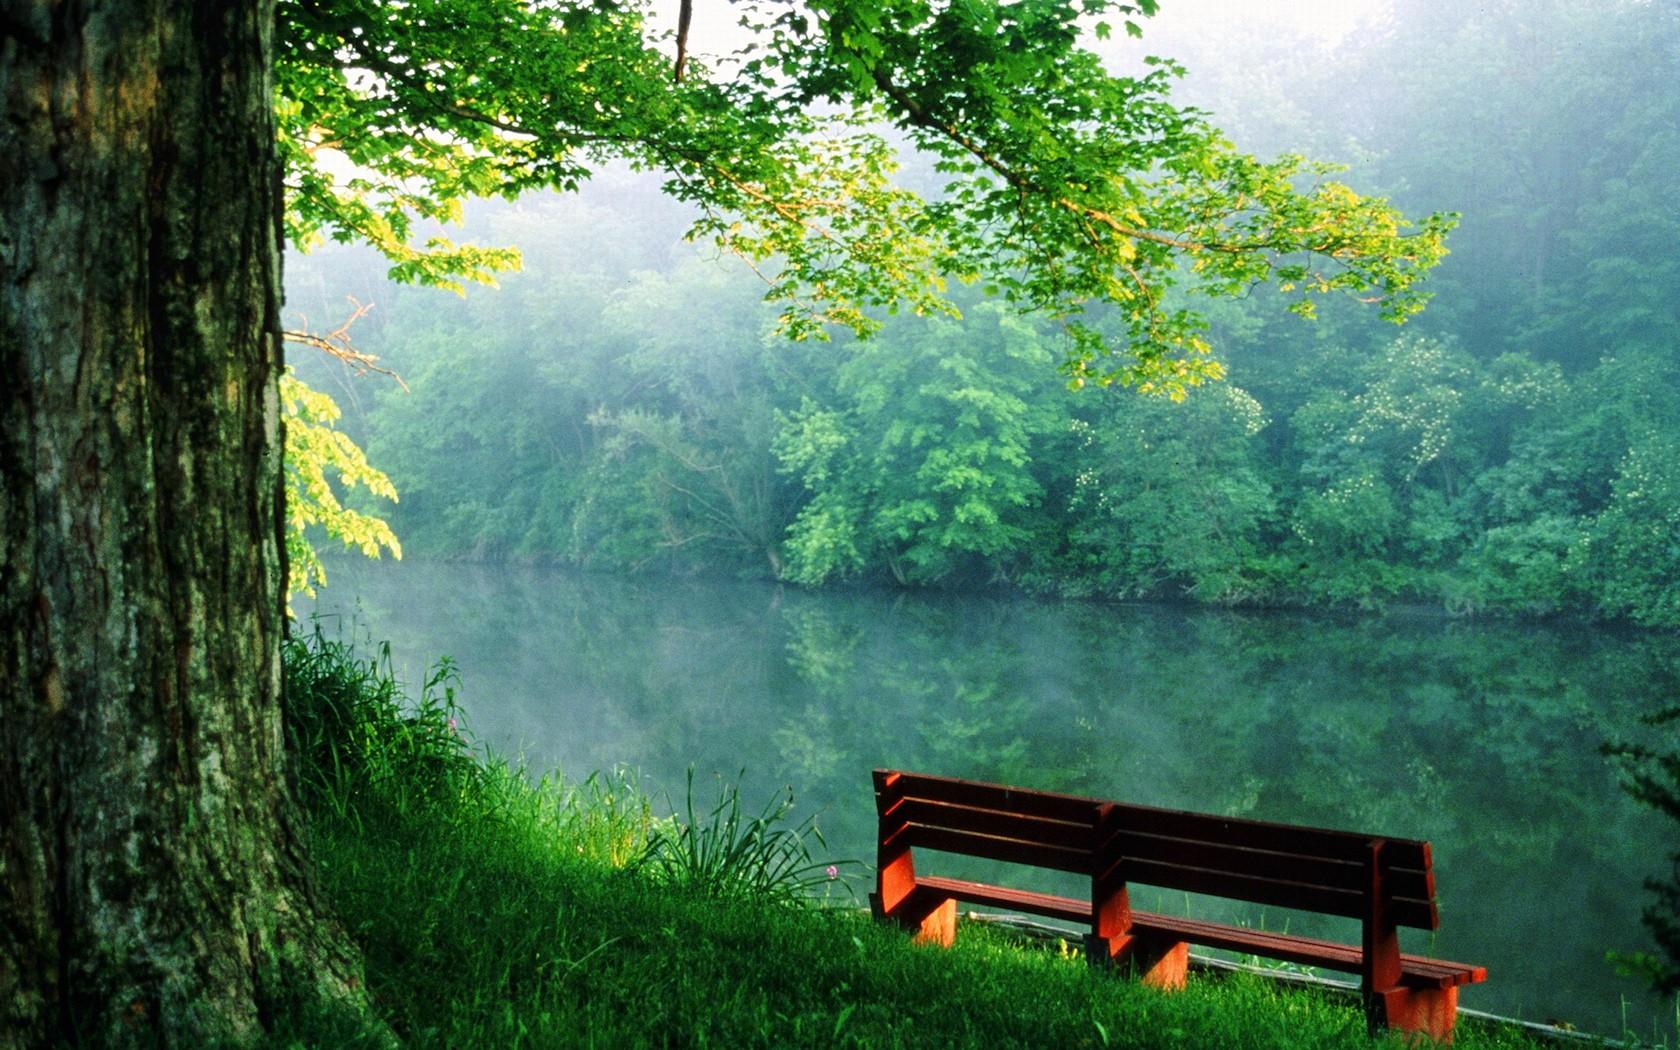 978_skamejka_reka_spokojstvie_1680x1050_(www.GdeFon.ru)